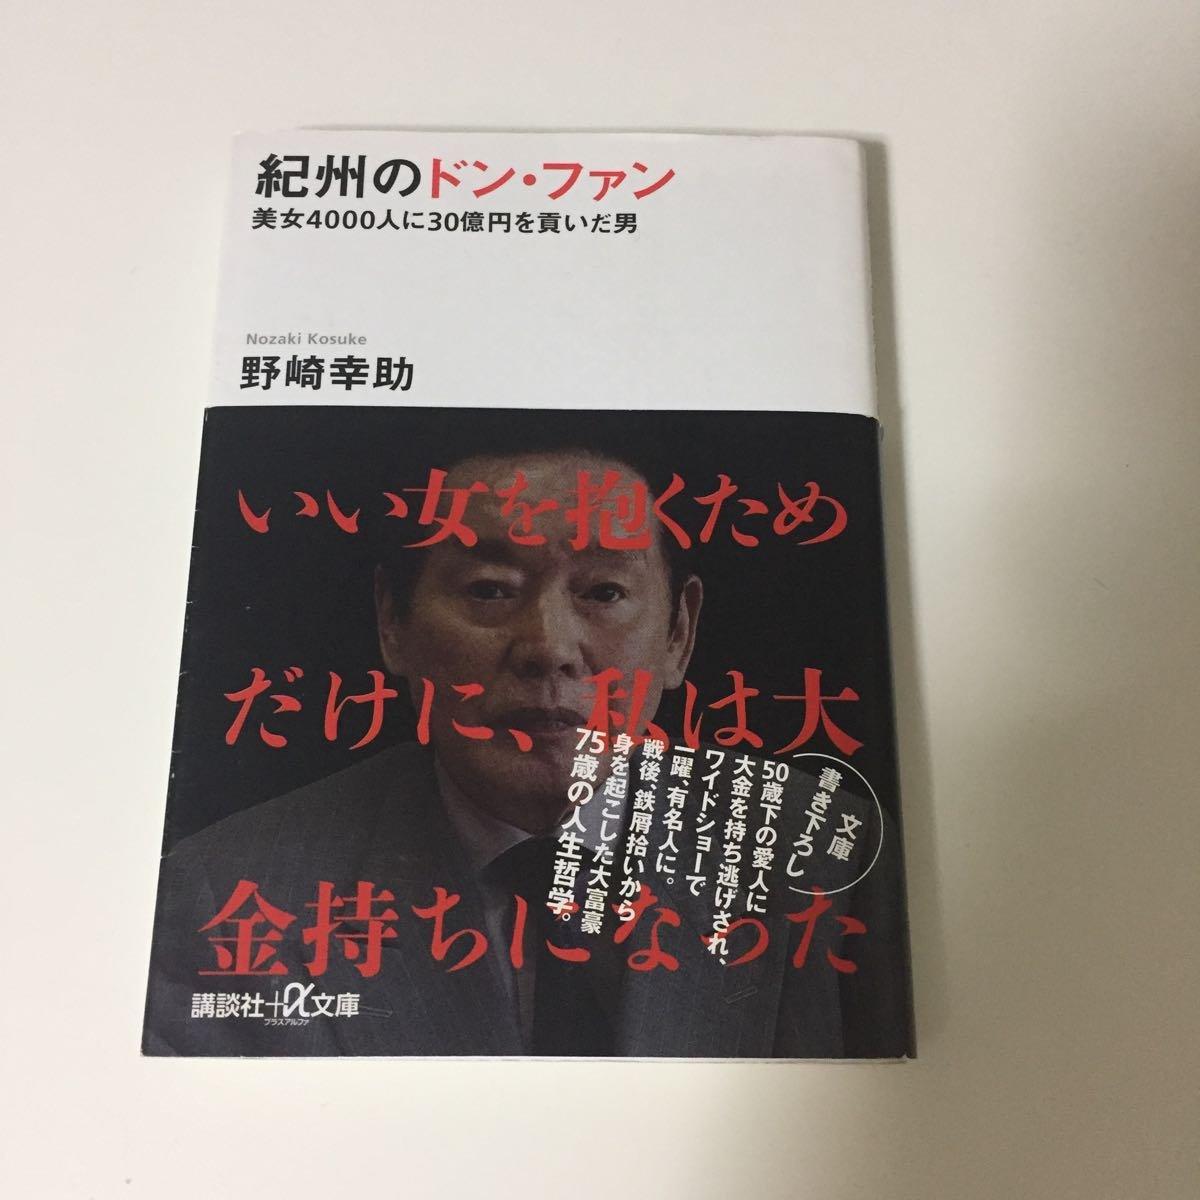 Image result for 野崎幸助 紀州のドン・ファン 美女4000人に30億円を貢いだ男